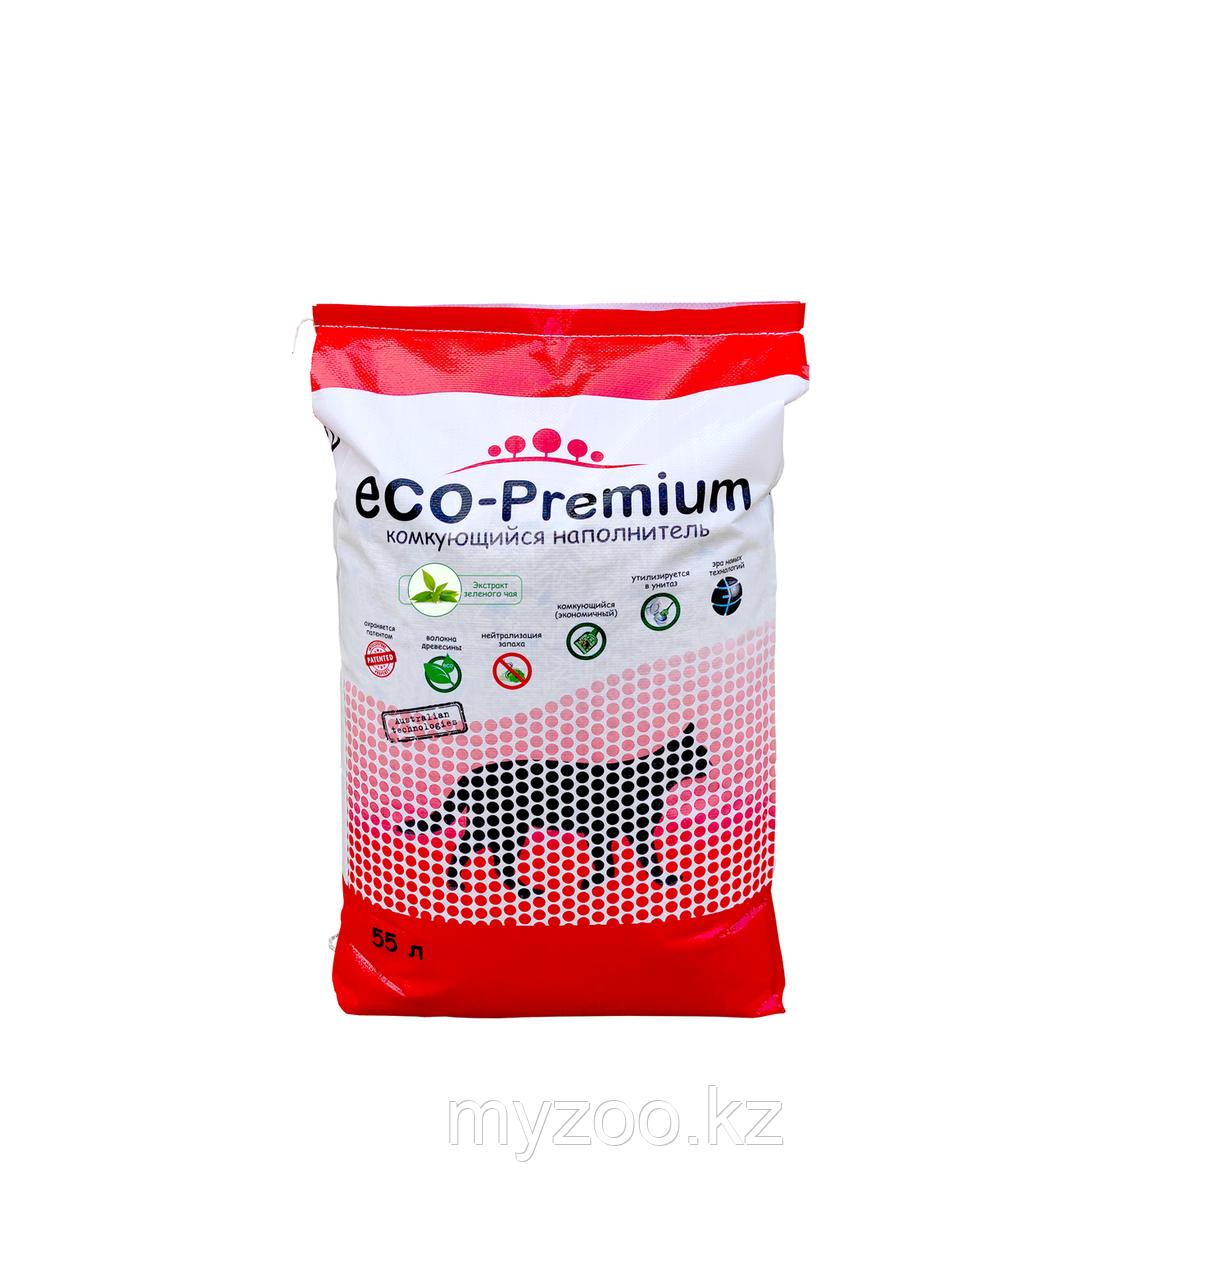 ECO-Premium Зеленый чай, 55 л - 20 кг |Эко-премиум комкующийся древесный наполнитель|